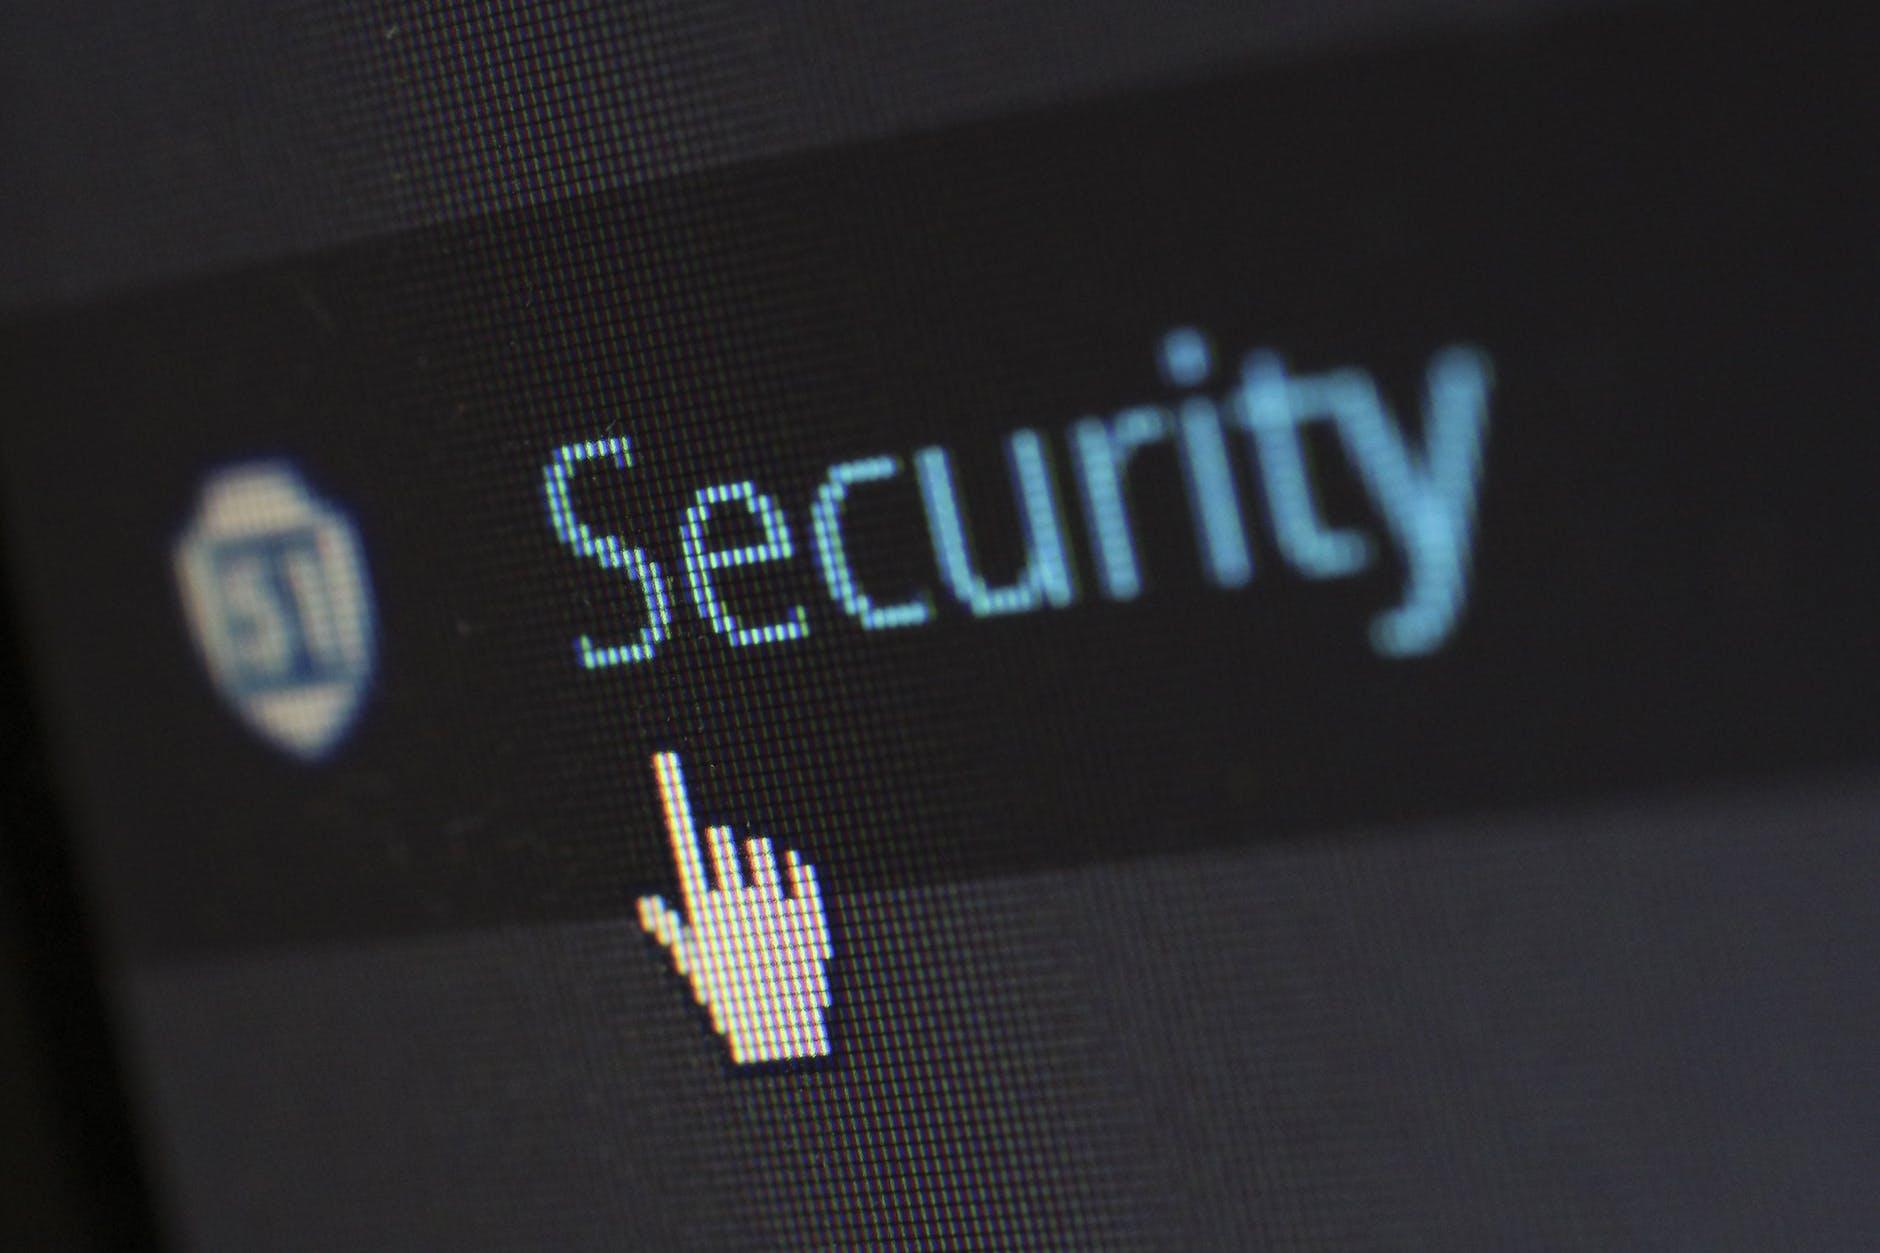 Rodzaje cyberataków